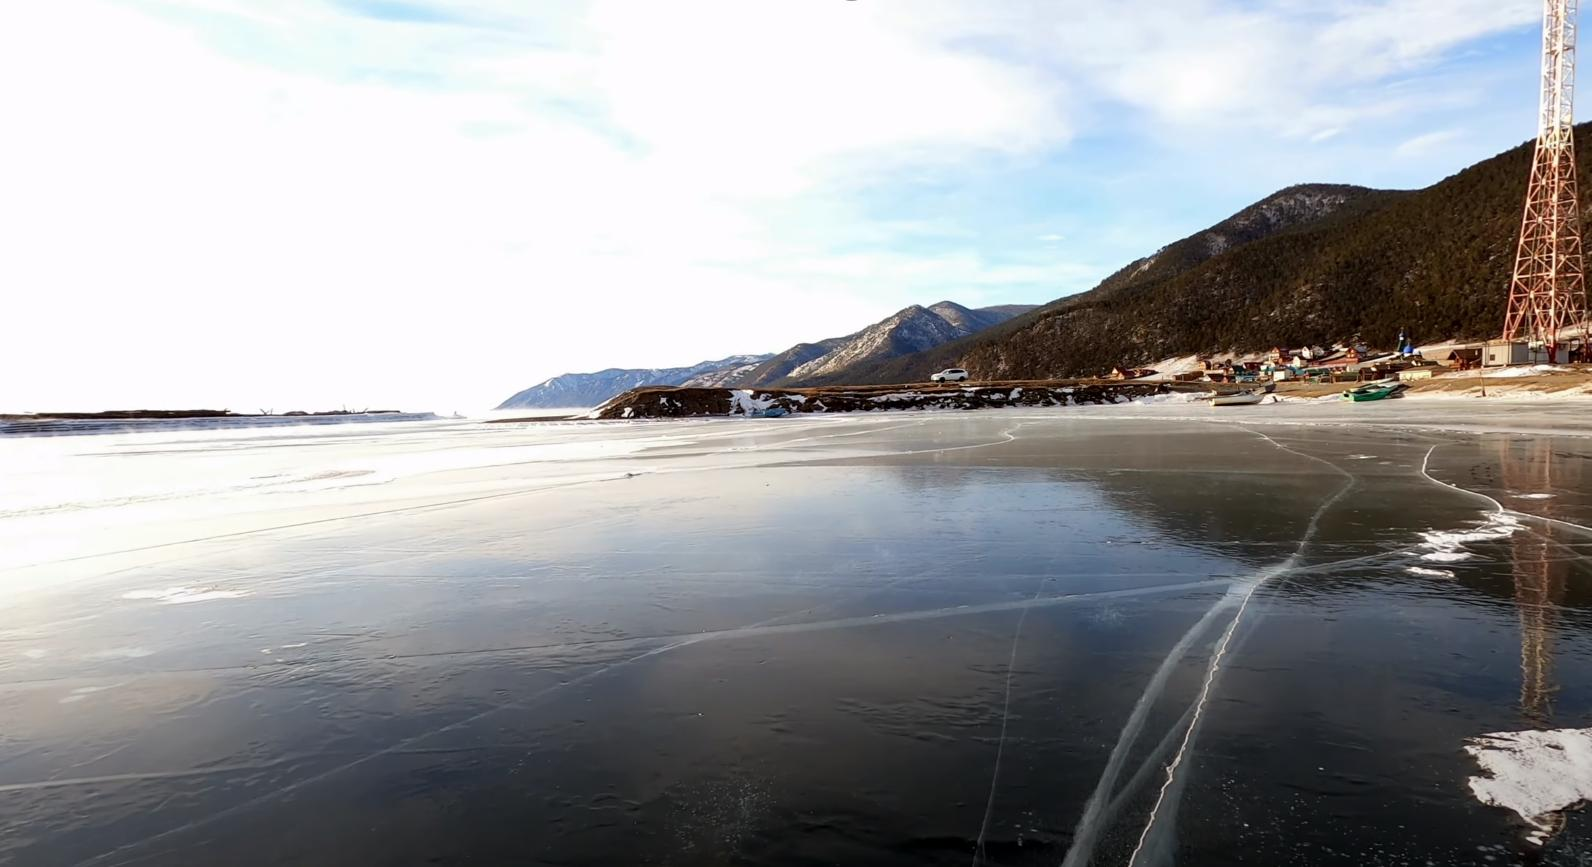 Хоккейный матч на льду Байкала «Last Game on Lake Baikal» состоится 8 марта